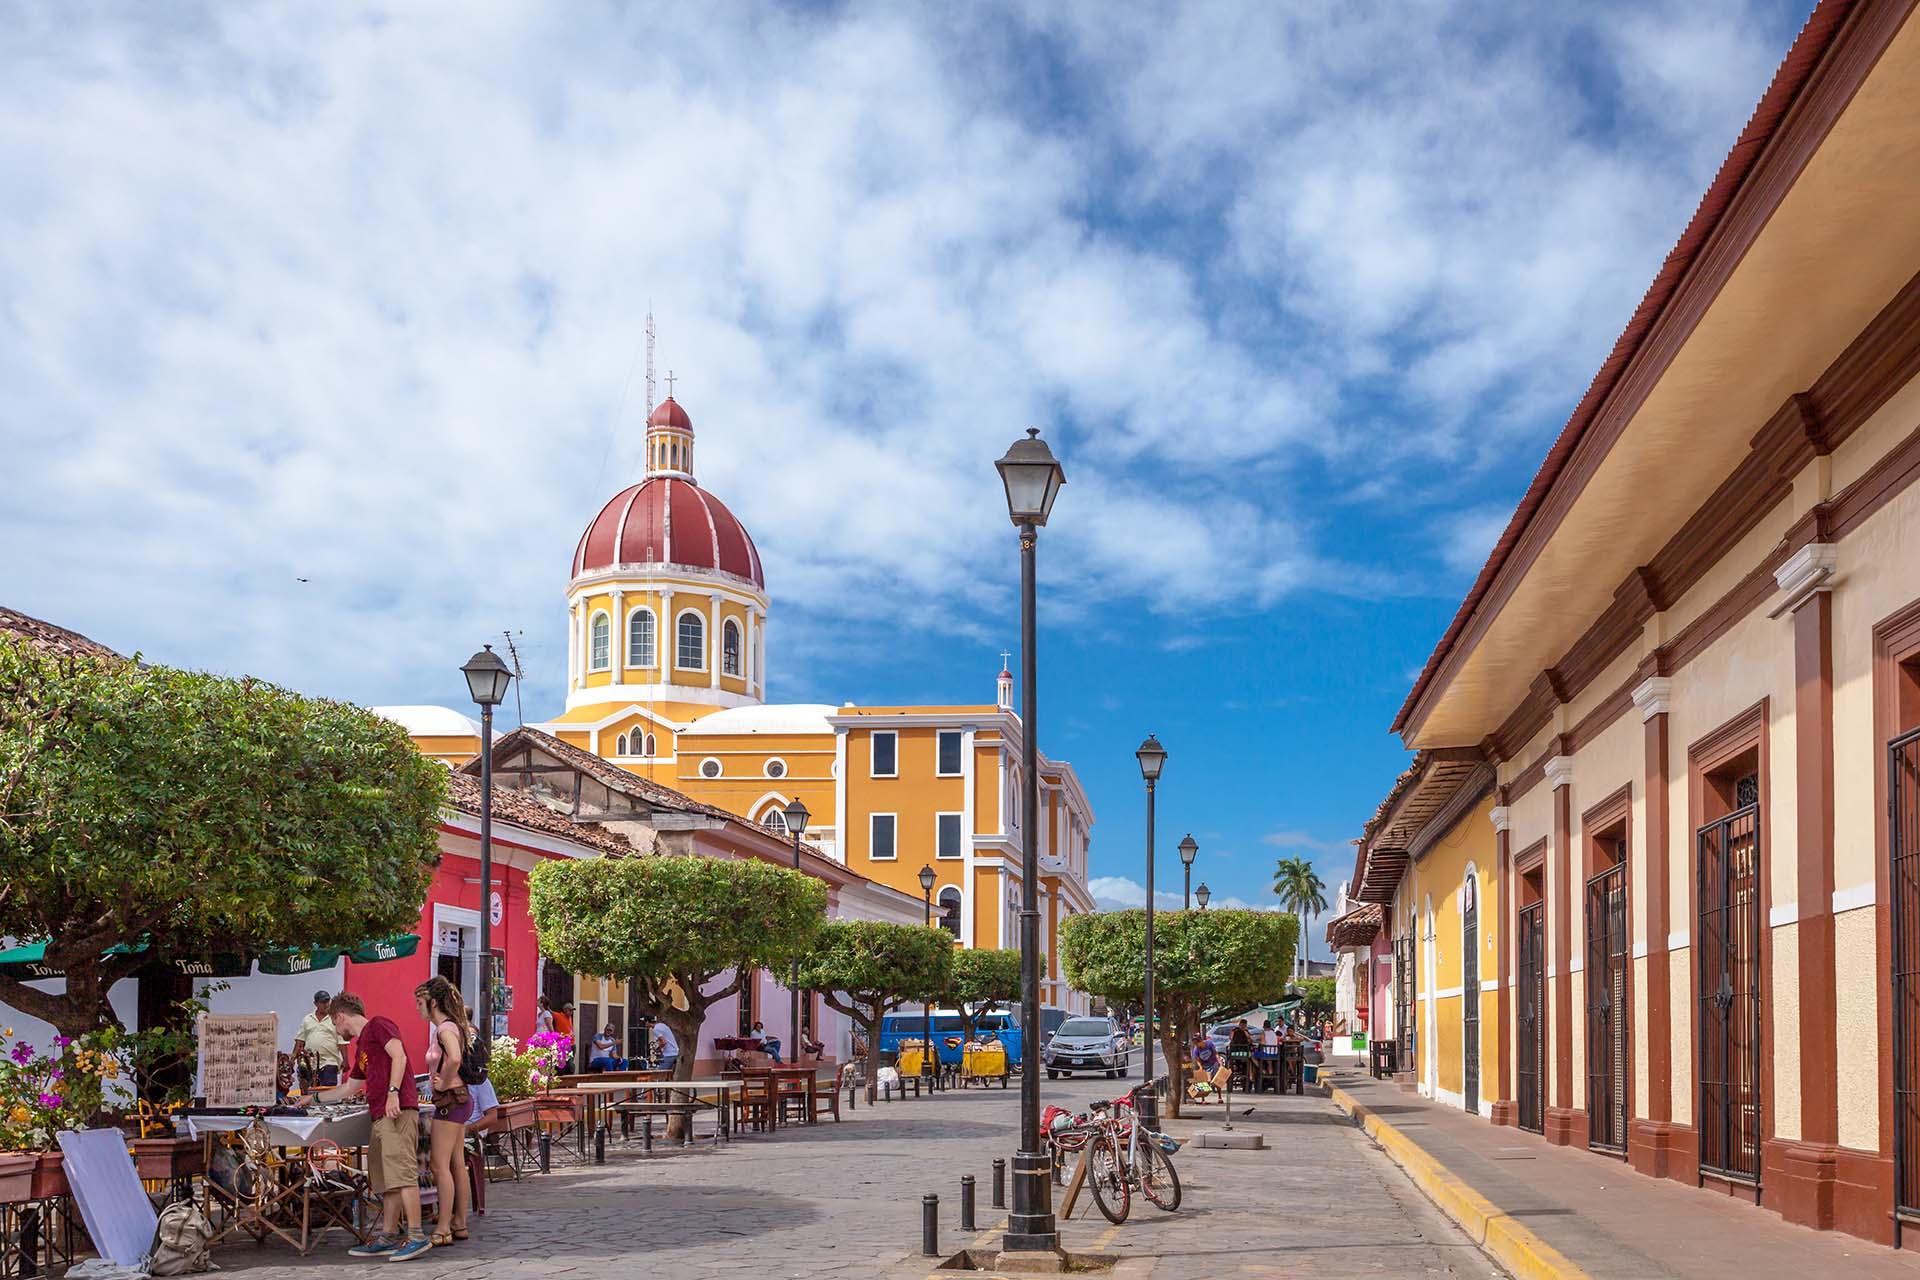 Nicaragua abraza a los viajeros con diversas ofertas de paisajes volcánicos, arquitectura colonial, playas sensacionales, islas remotas e idílicas, playas del Pacífico azotadas por las olas y bosques vírgenes